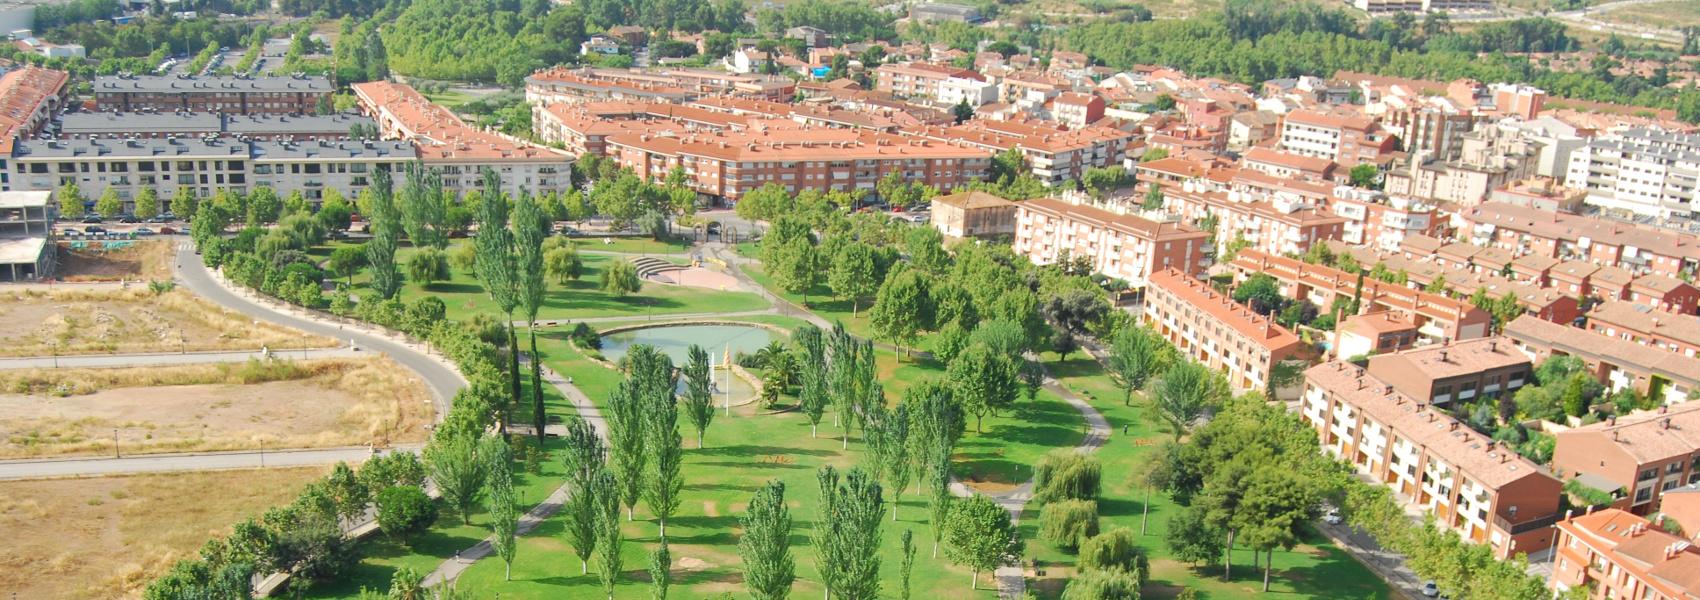 Cerrajero Sant Quirze - Cerrajeros 24h Sant Quirze Vallès, Cerrajero Sant Quirze Vallès